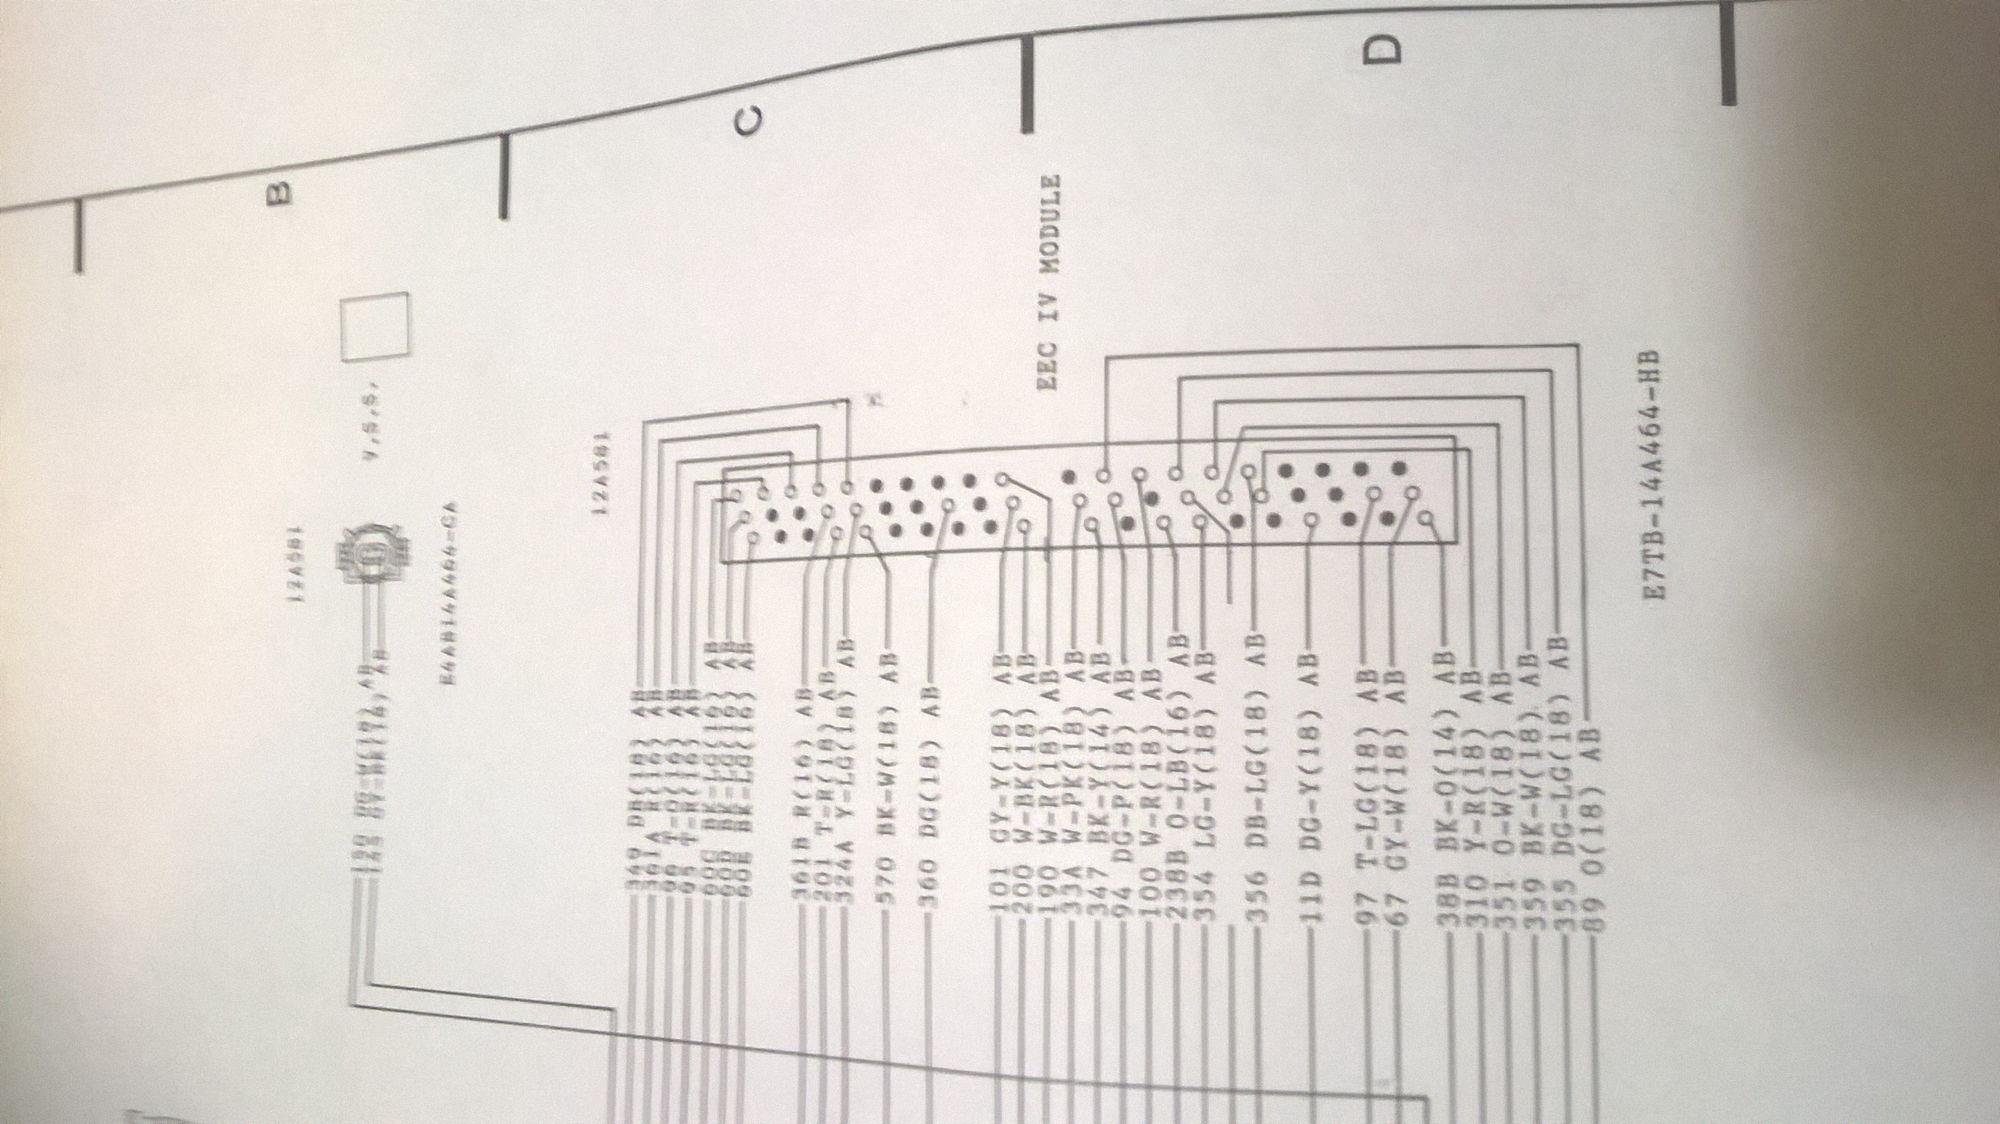 Eec Iv Diagram - Illustration Of Wiring Diagram •